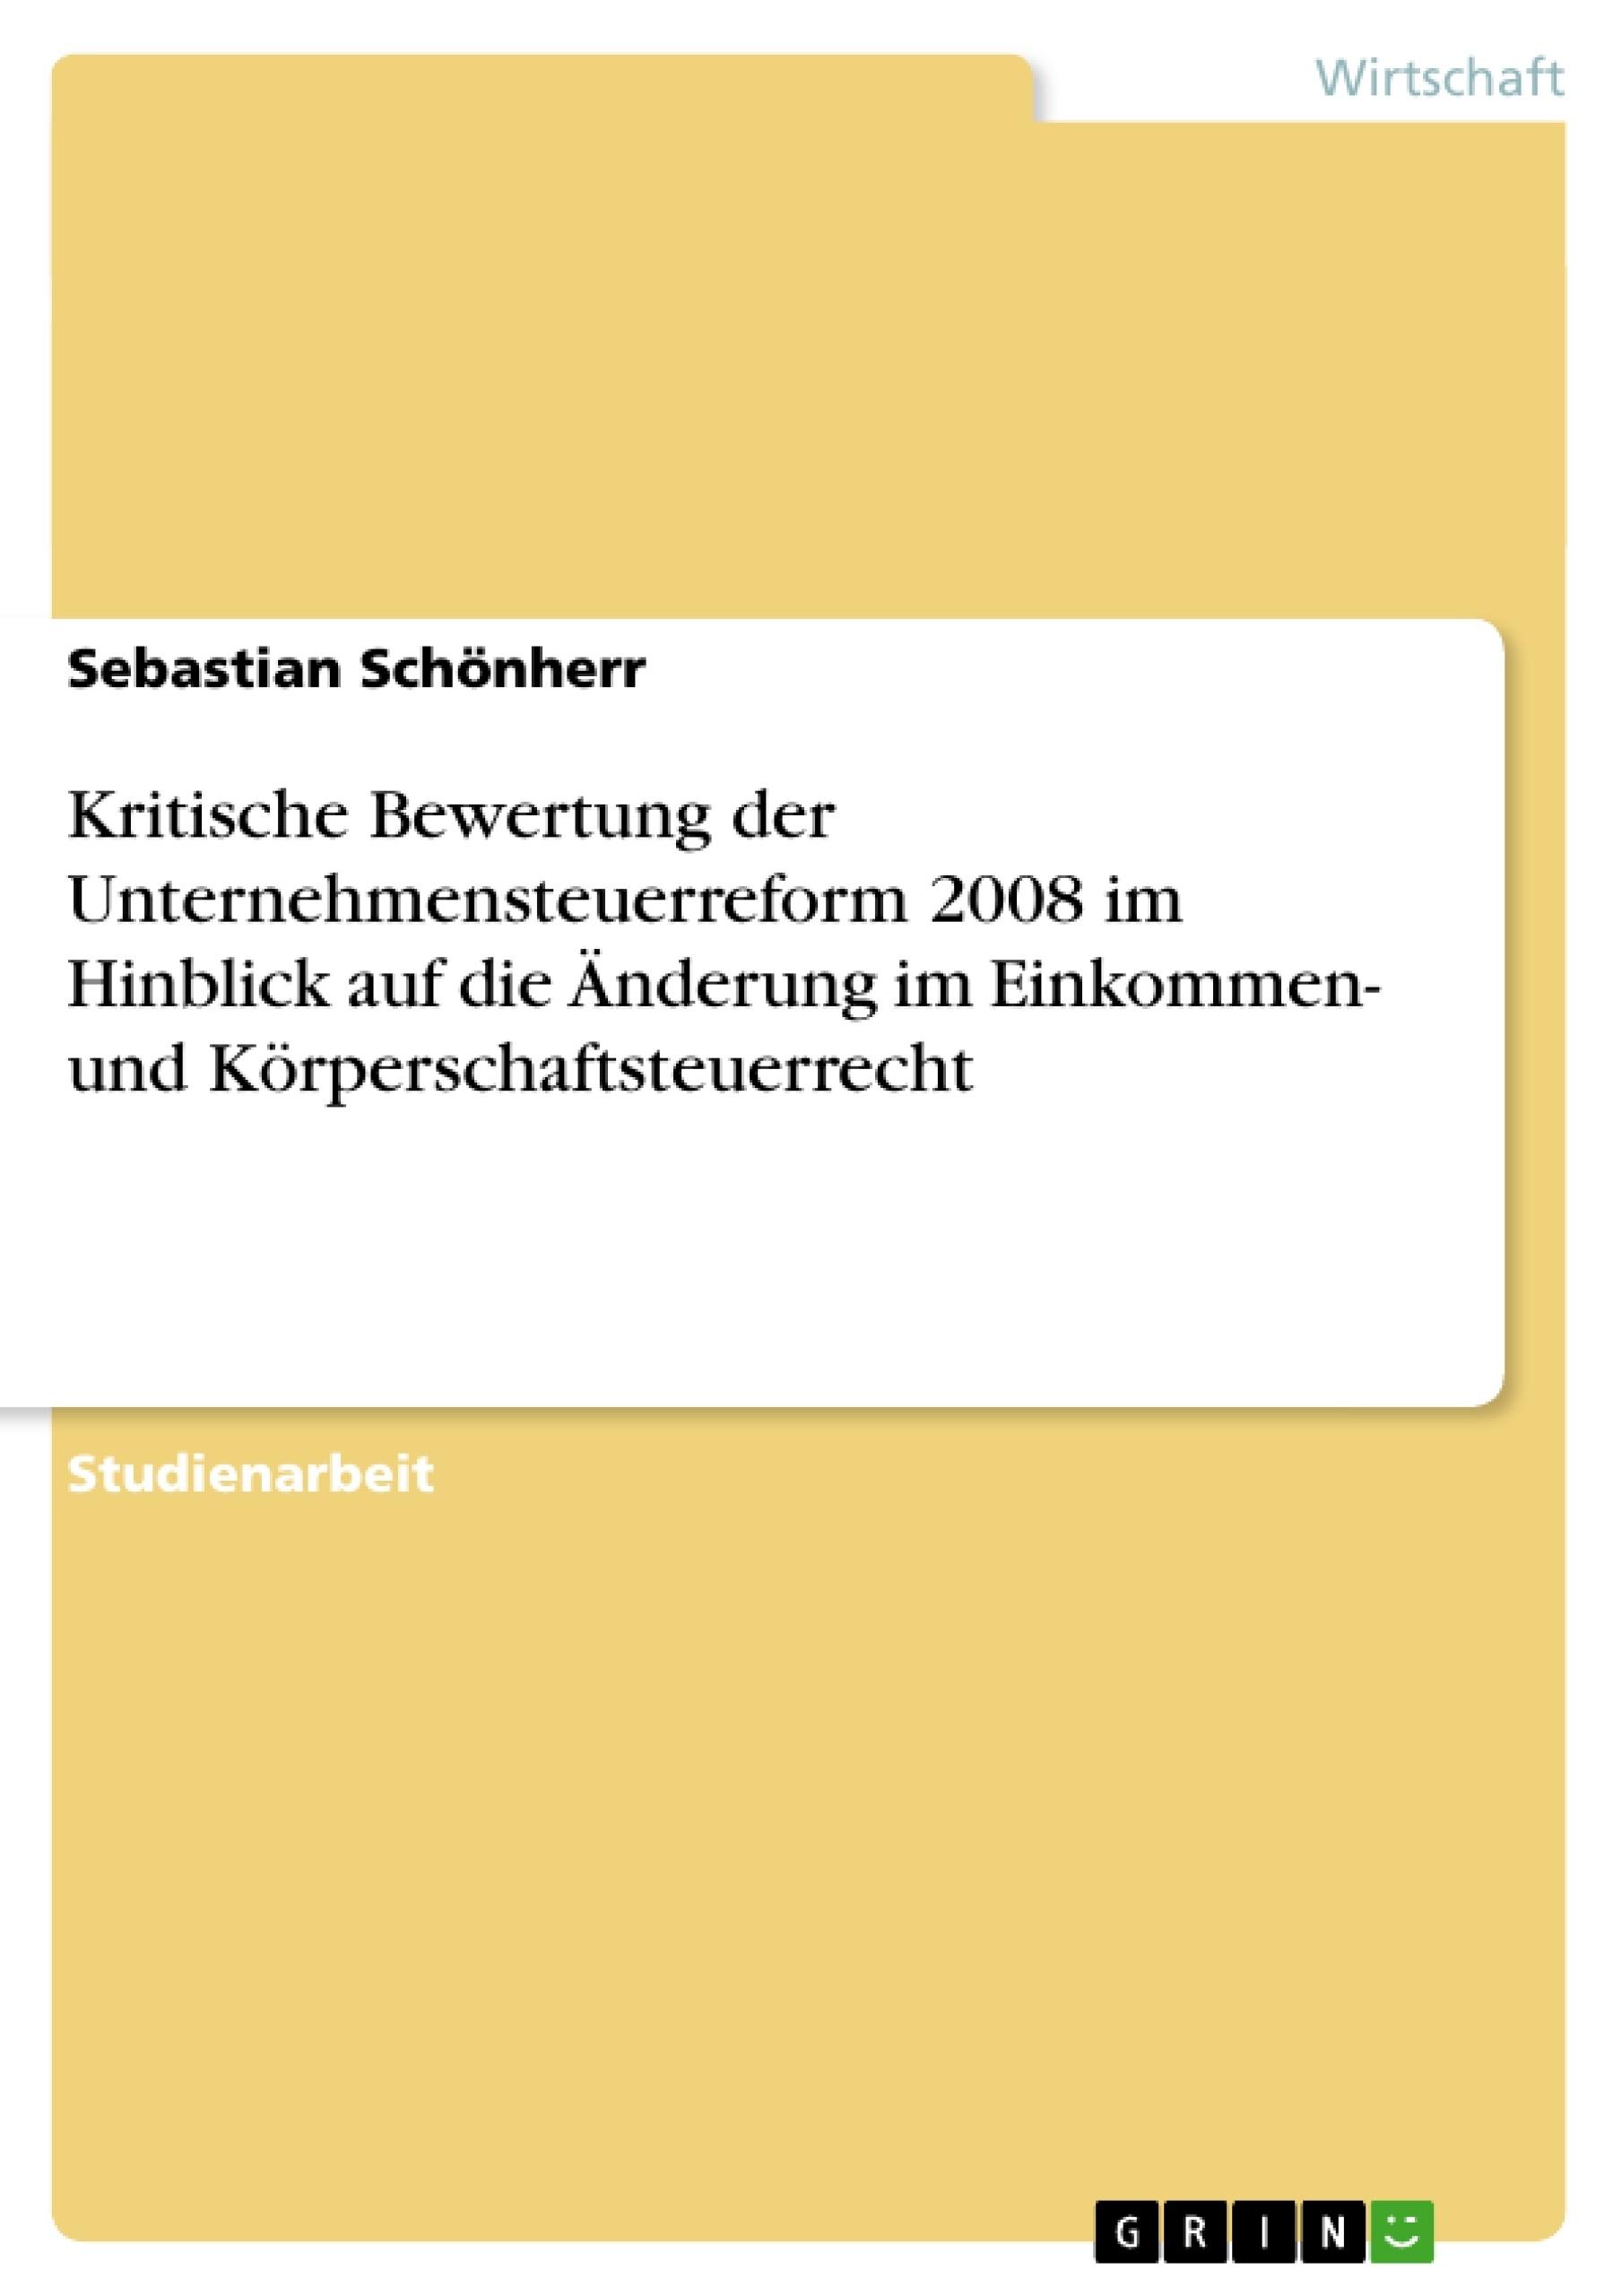 Titel: Kritische Bewertung der Unternehmensteuerreform 2008 im Hinblick auf die Änderung im Einkommen- und Körperschaftsteuerrecht